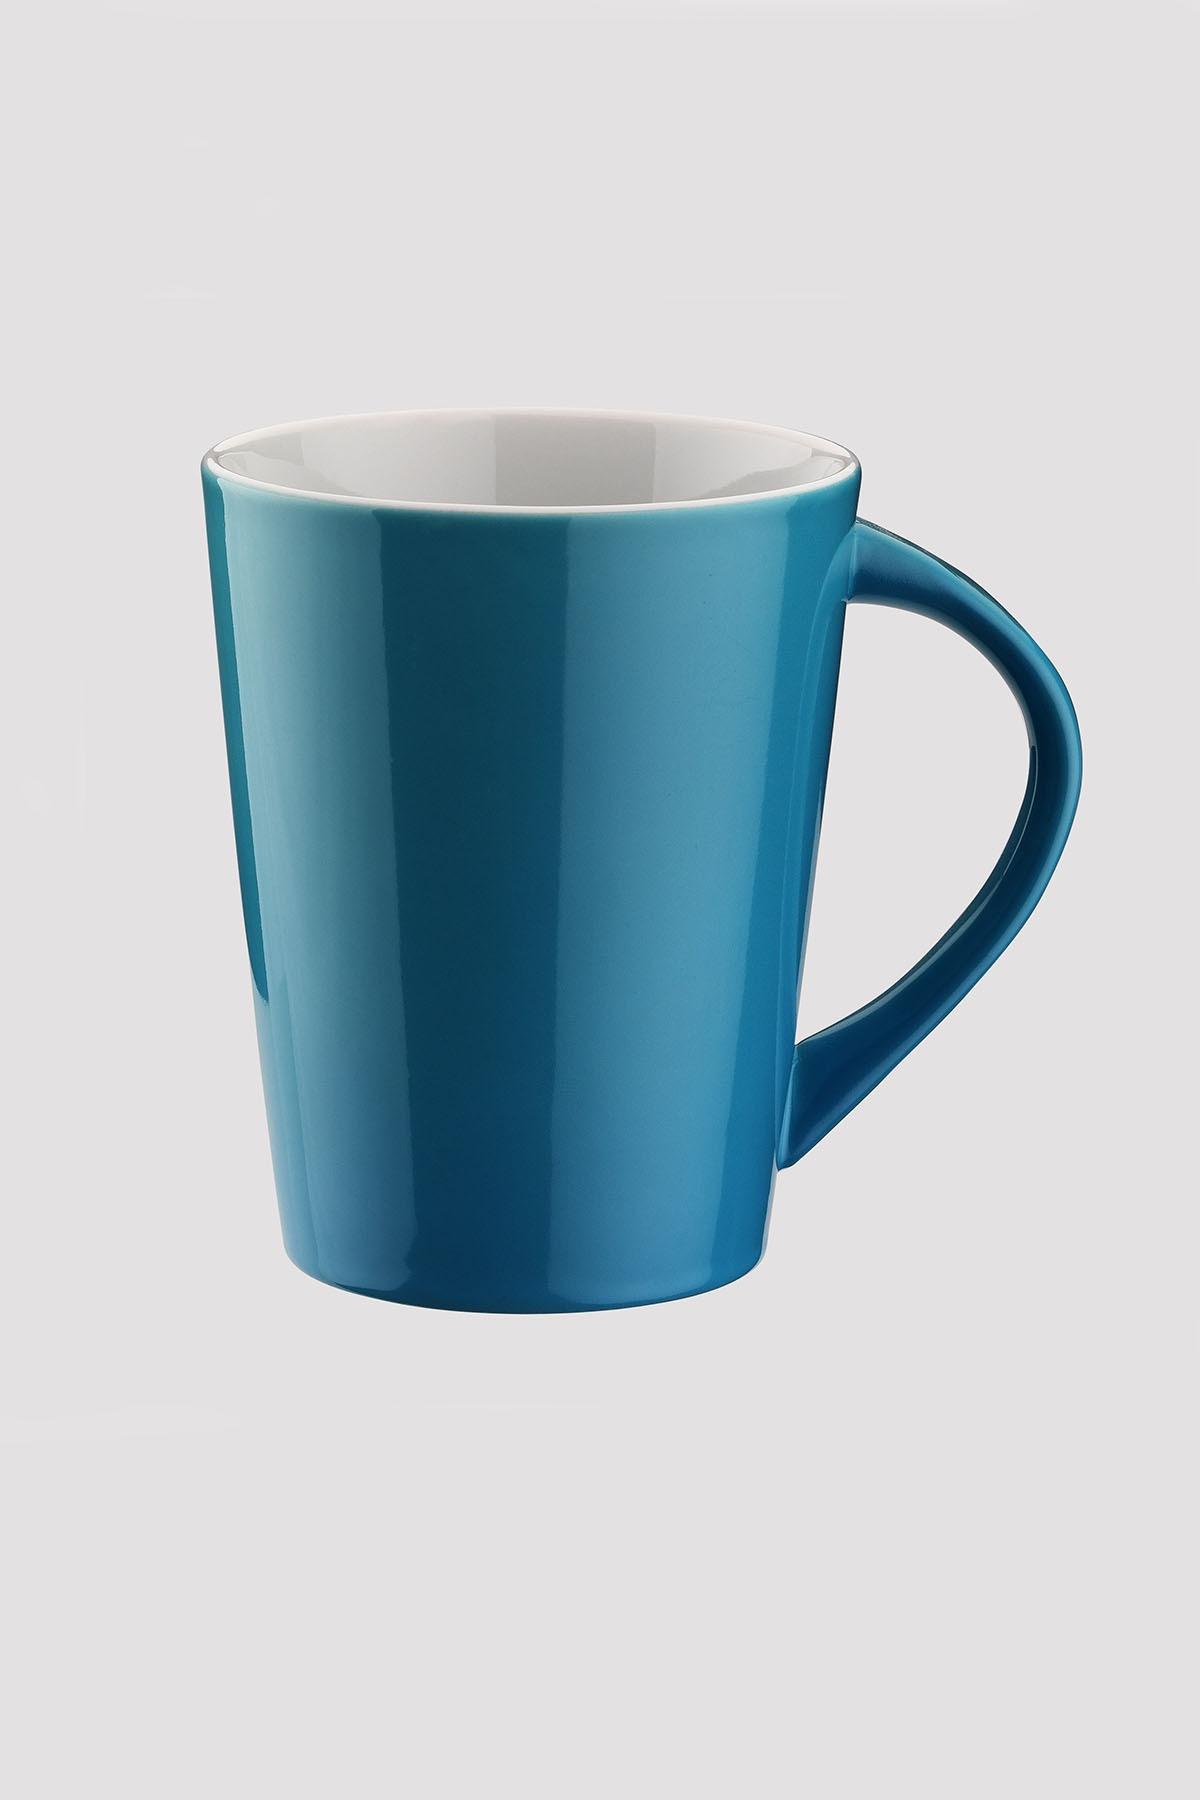 Kütahya Porselen - Kütahya Porselen Mavi Kupa